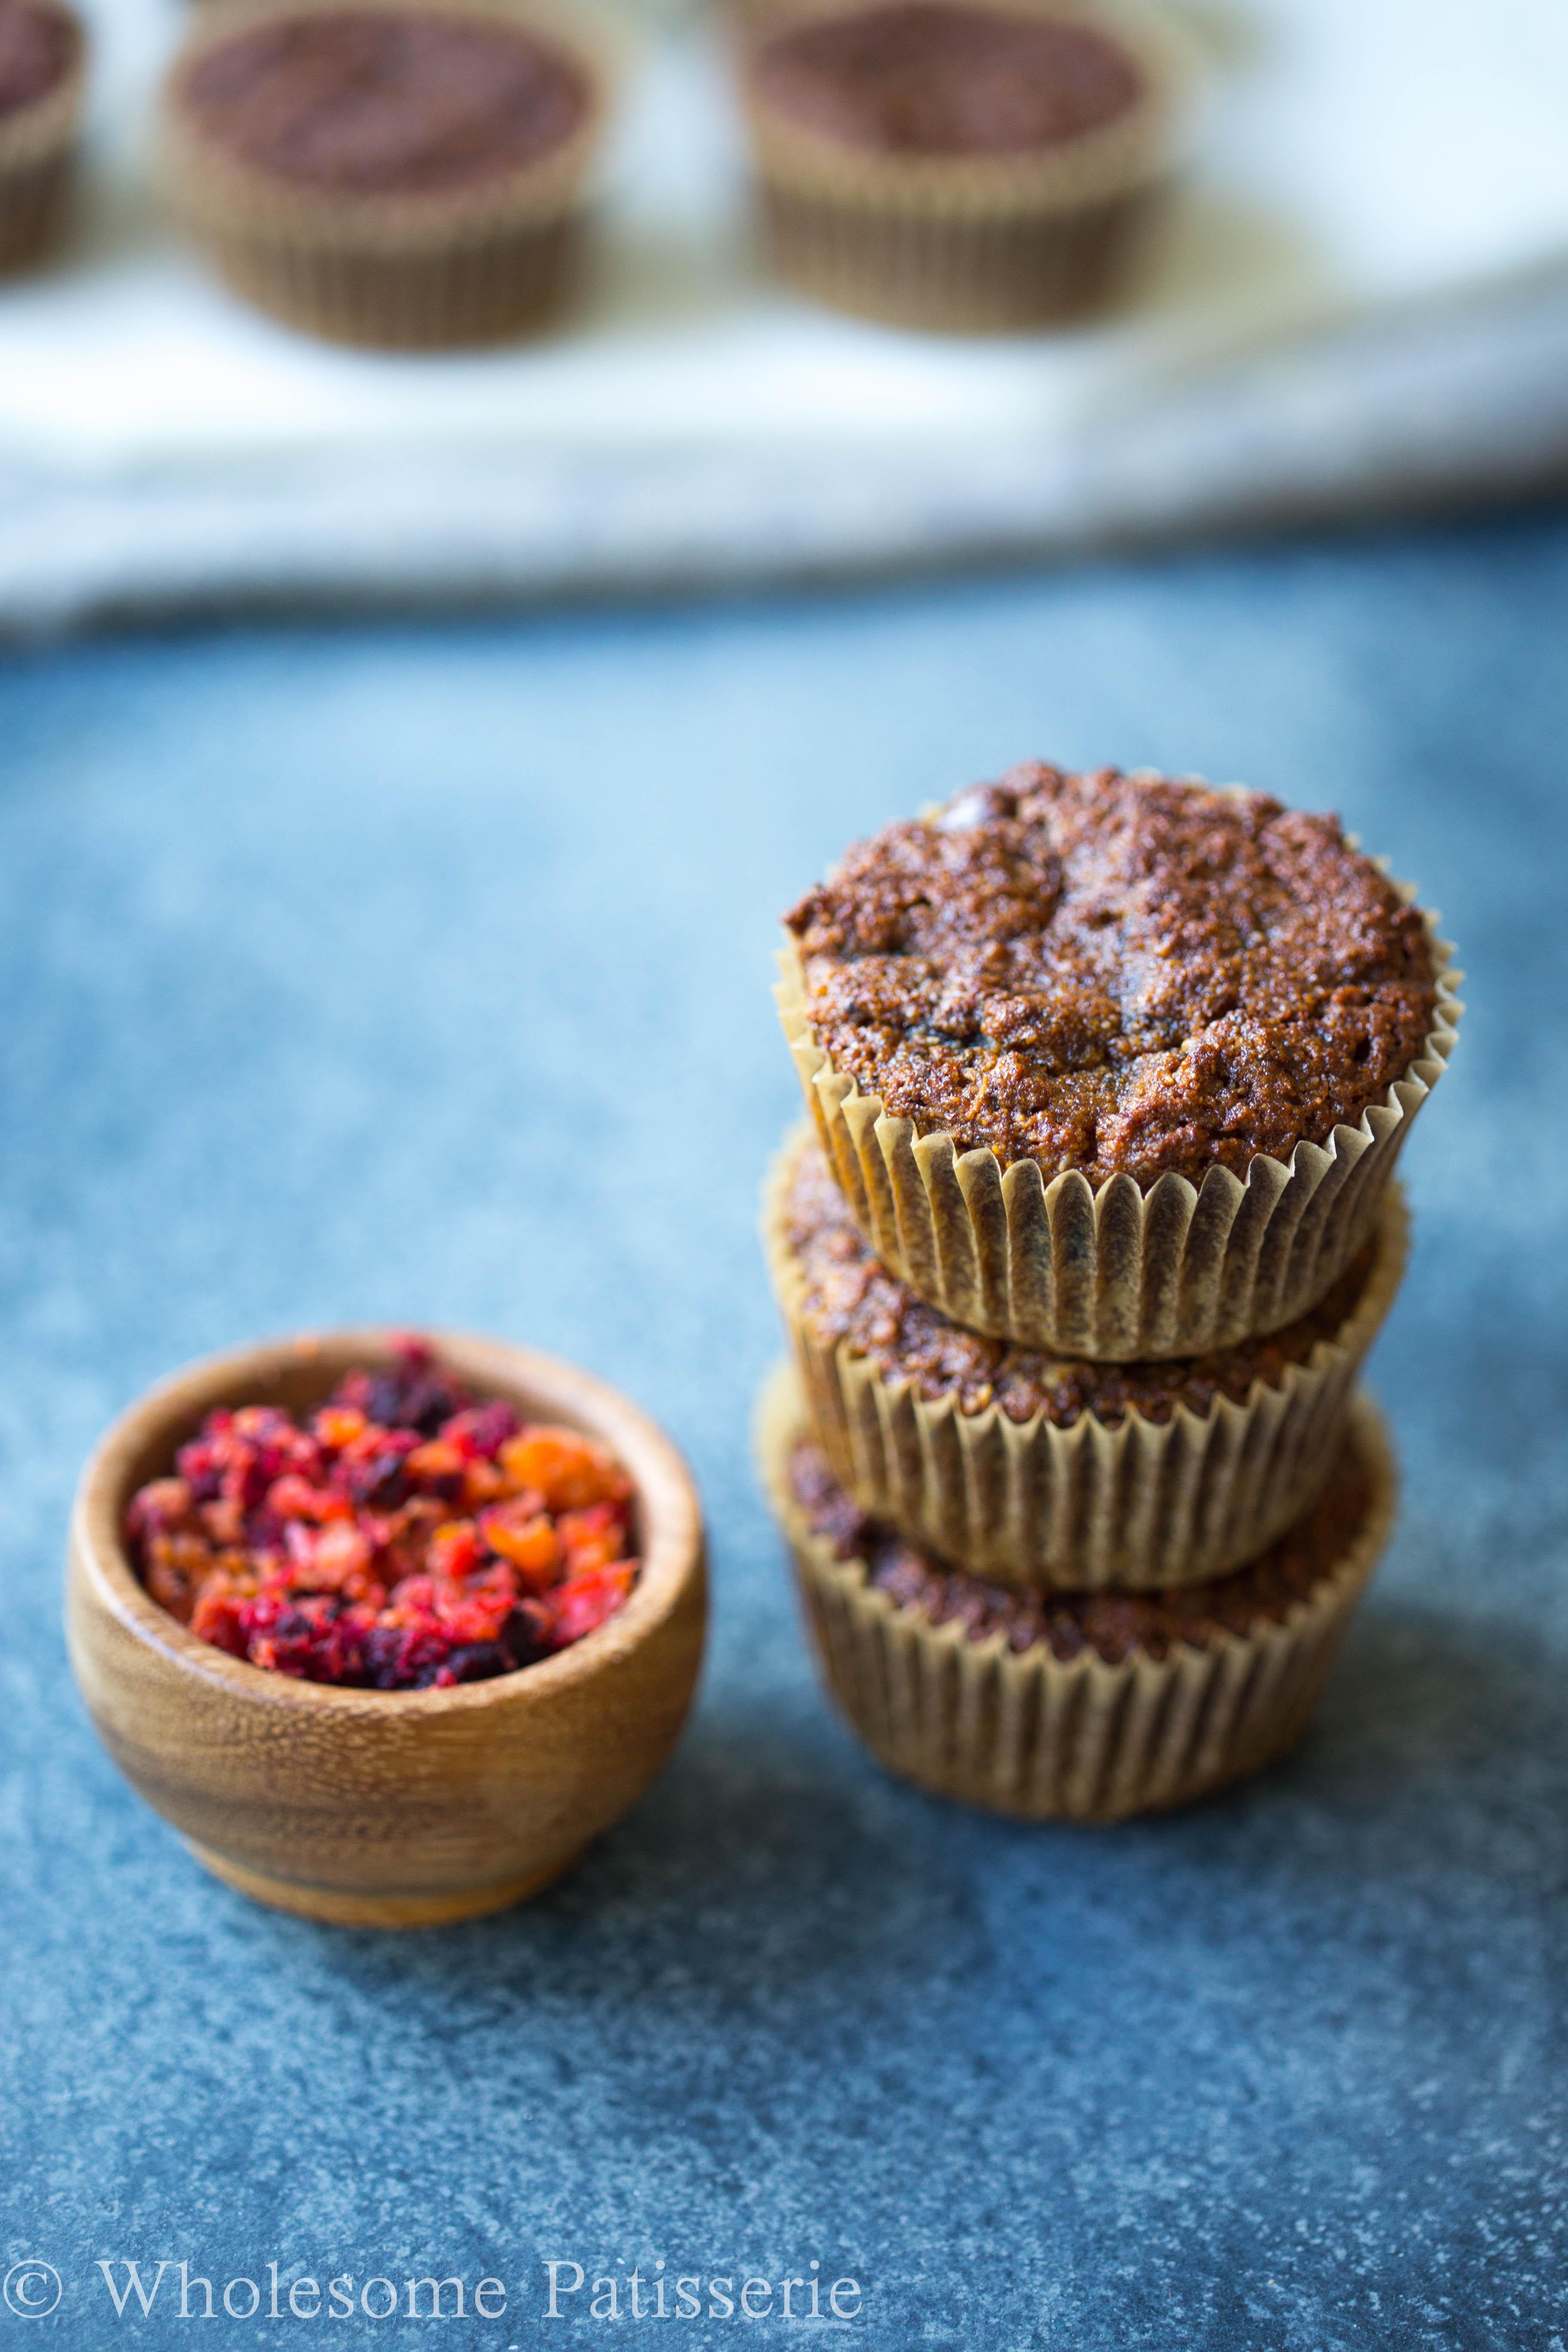 HEALTHY-vegan-pulp-muffins-vegetable-muffins-glutenfree-easy-muffins